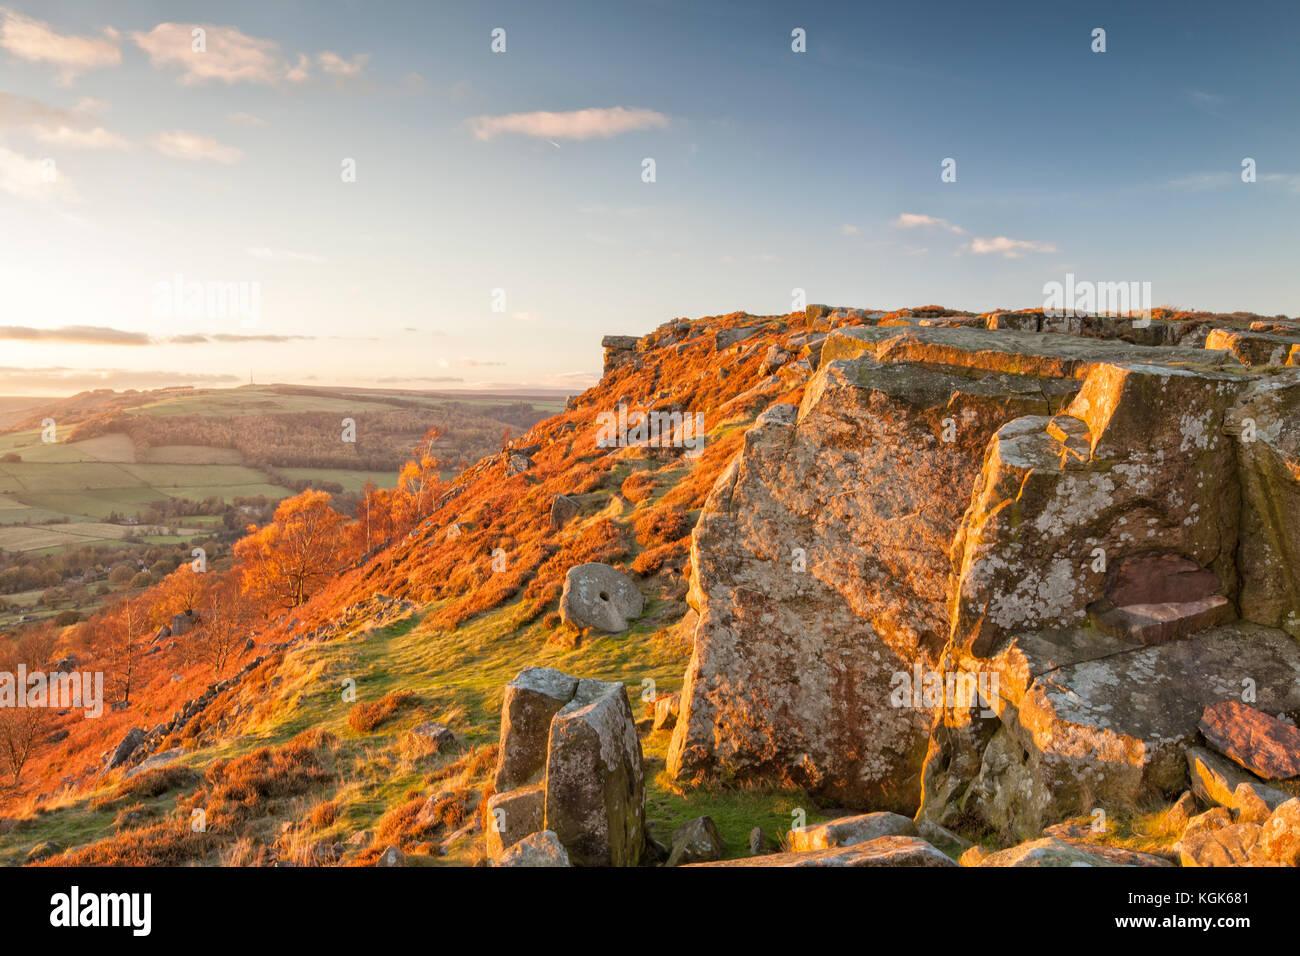 Coucher de soleil sur Curbar Edge, parc national de Peak District, Derbyshire, Angleterre Photo Stock